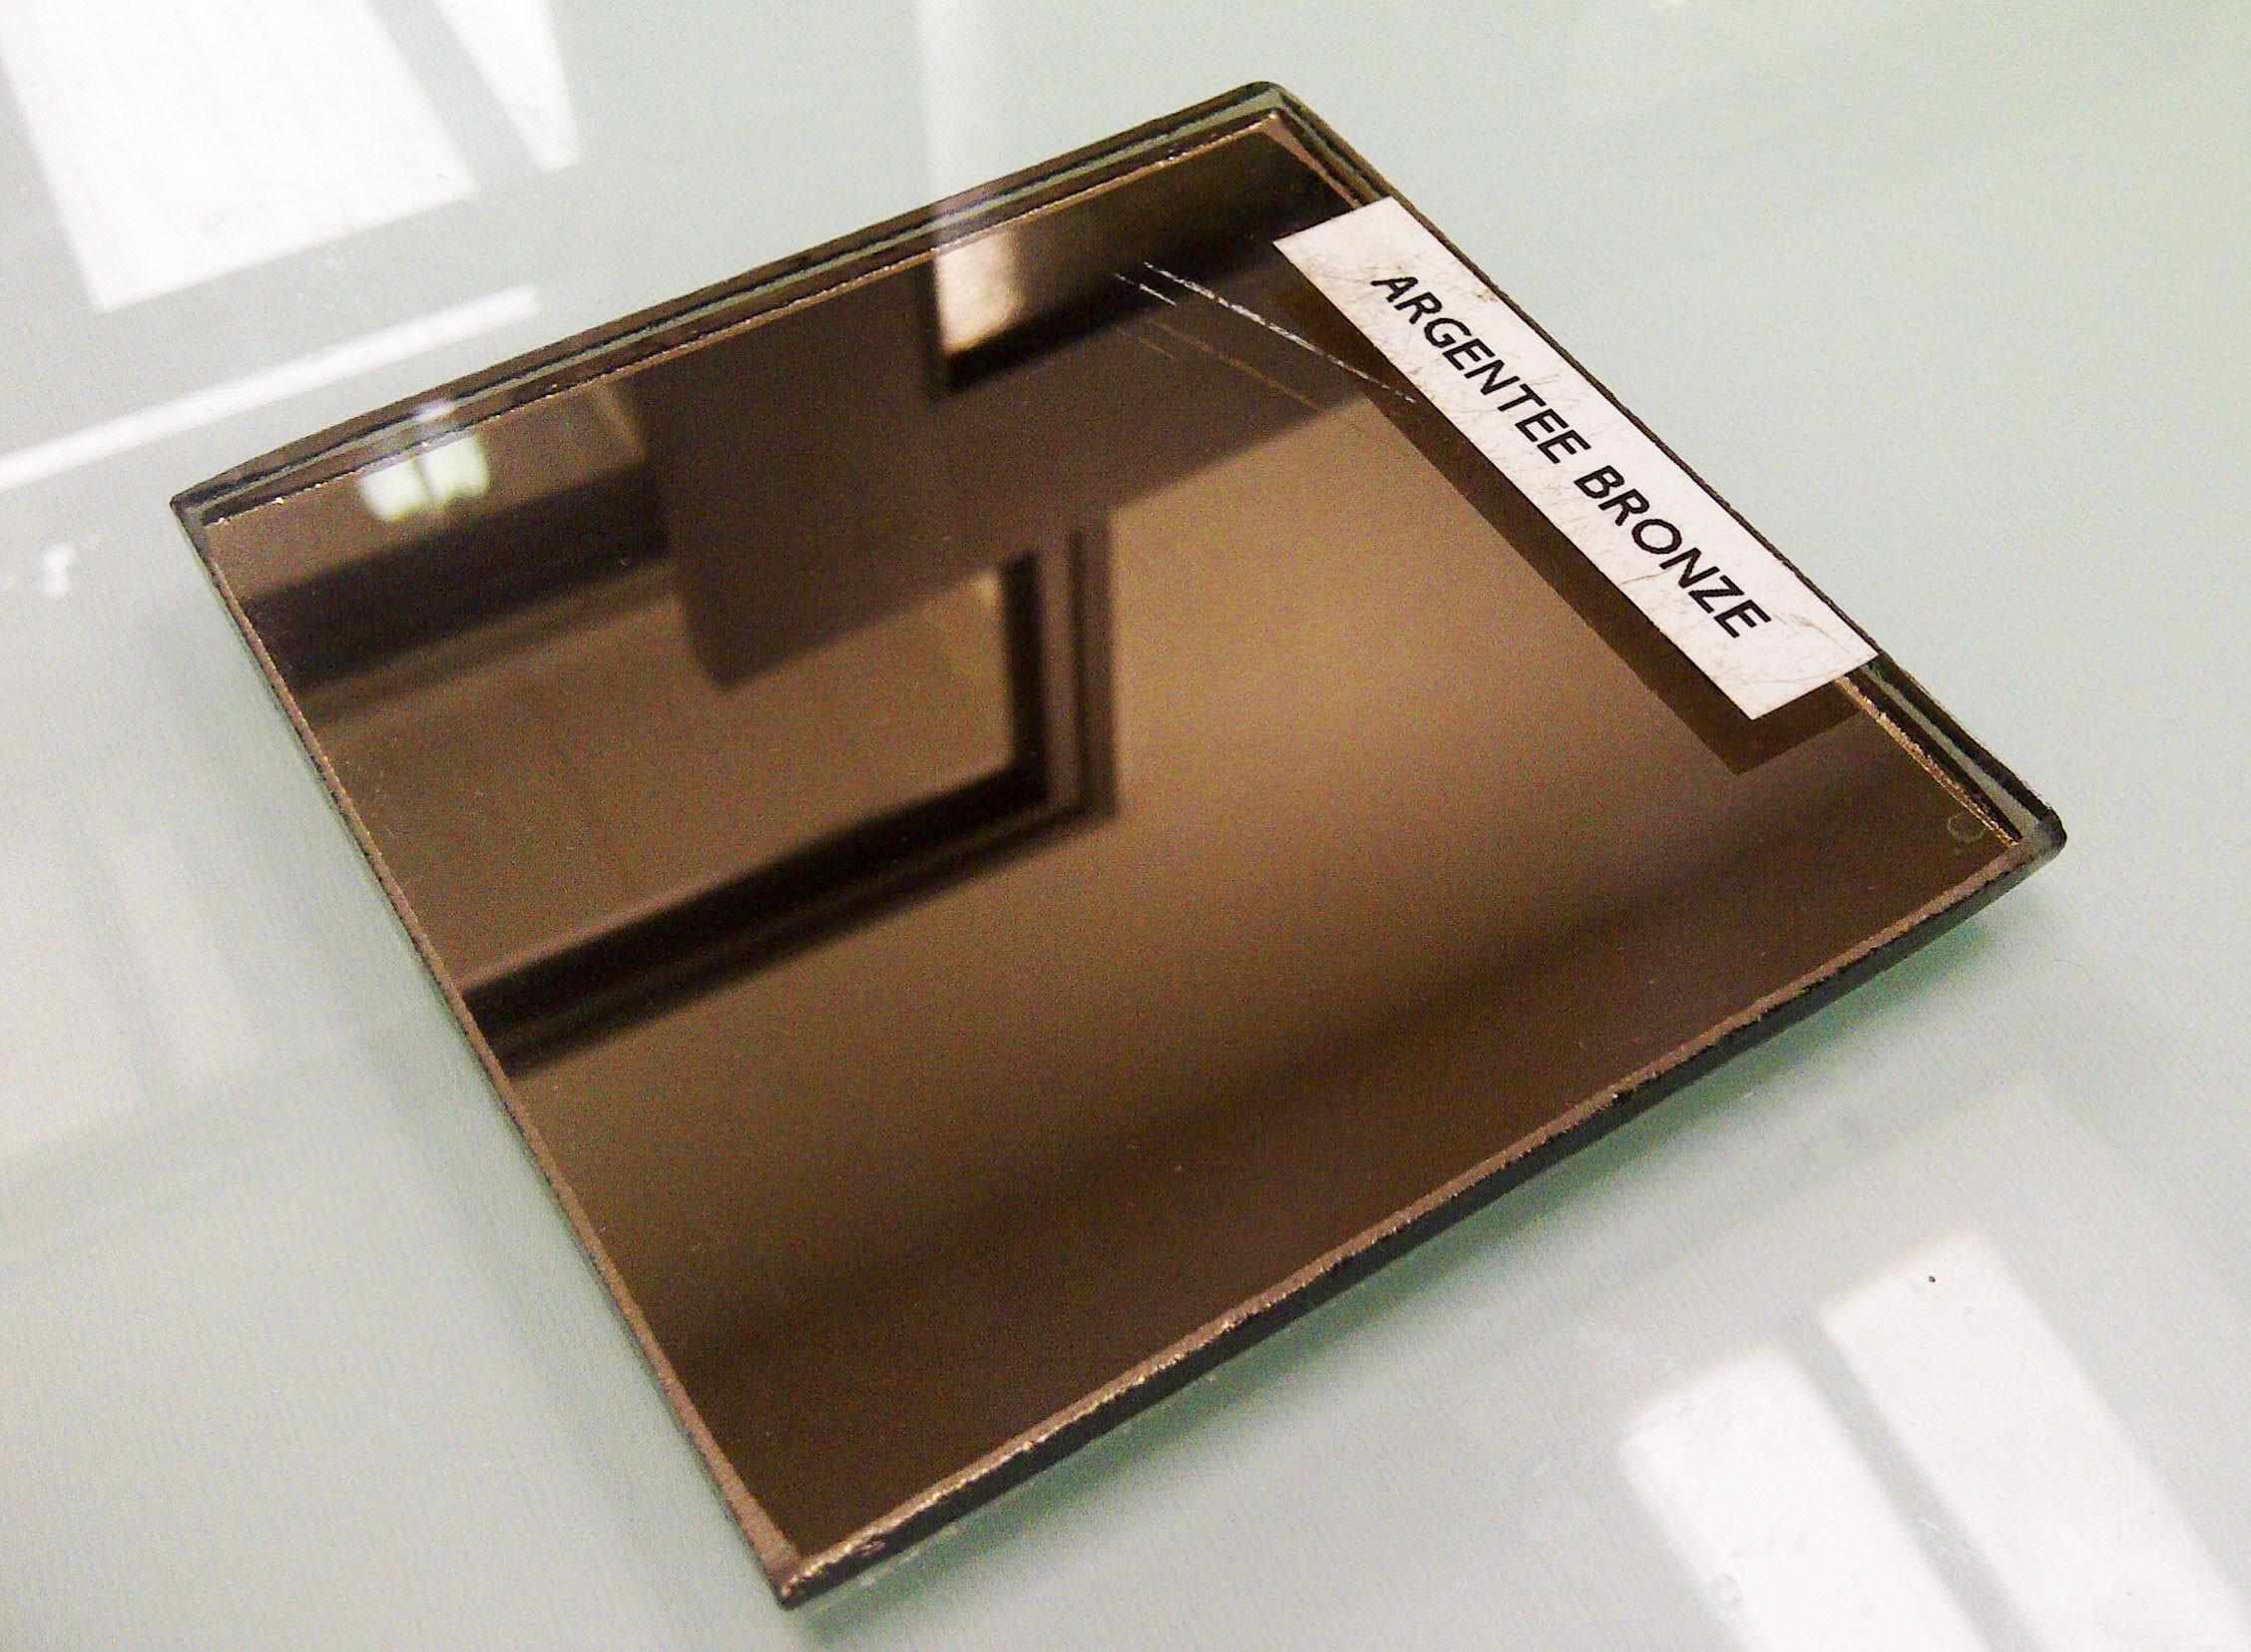 Miroir bronze bh vitrier paris artisan vitrerie miroiterie for Miroir artisanal